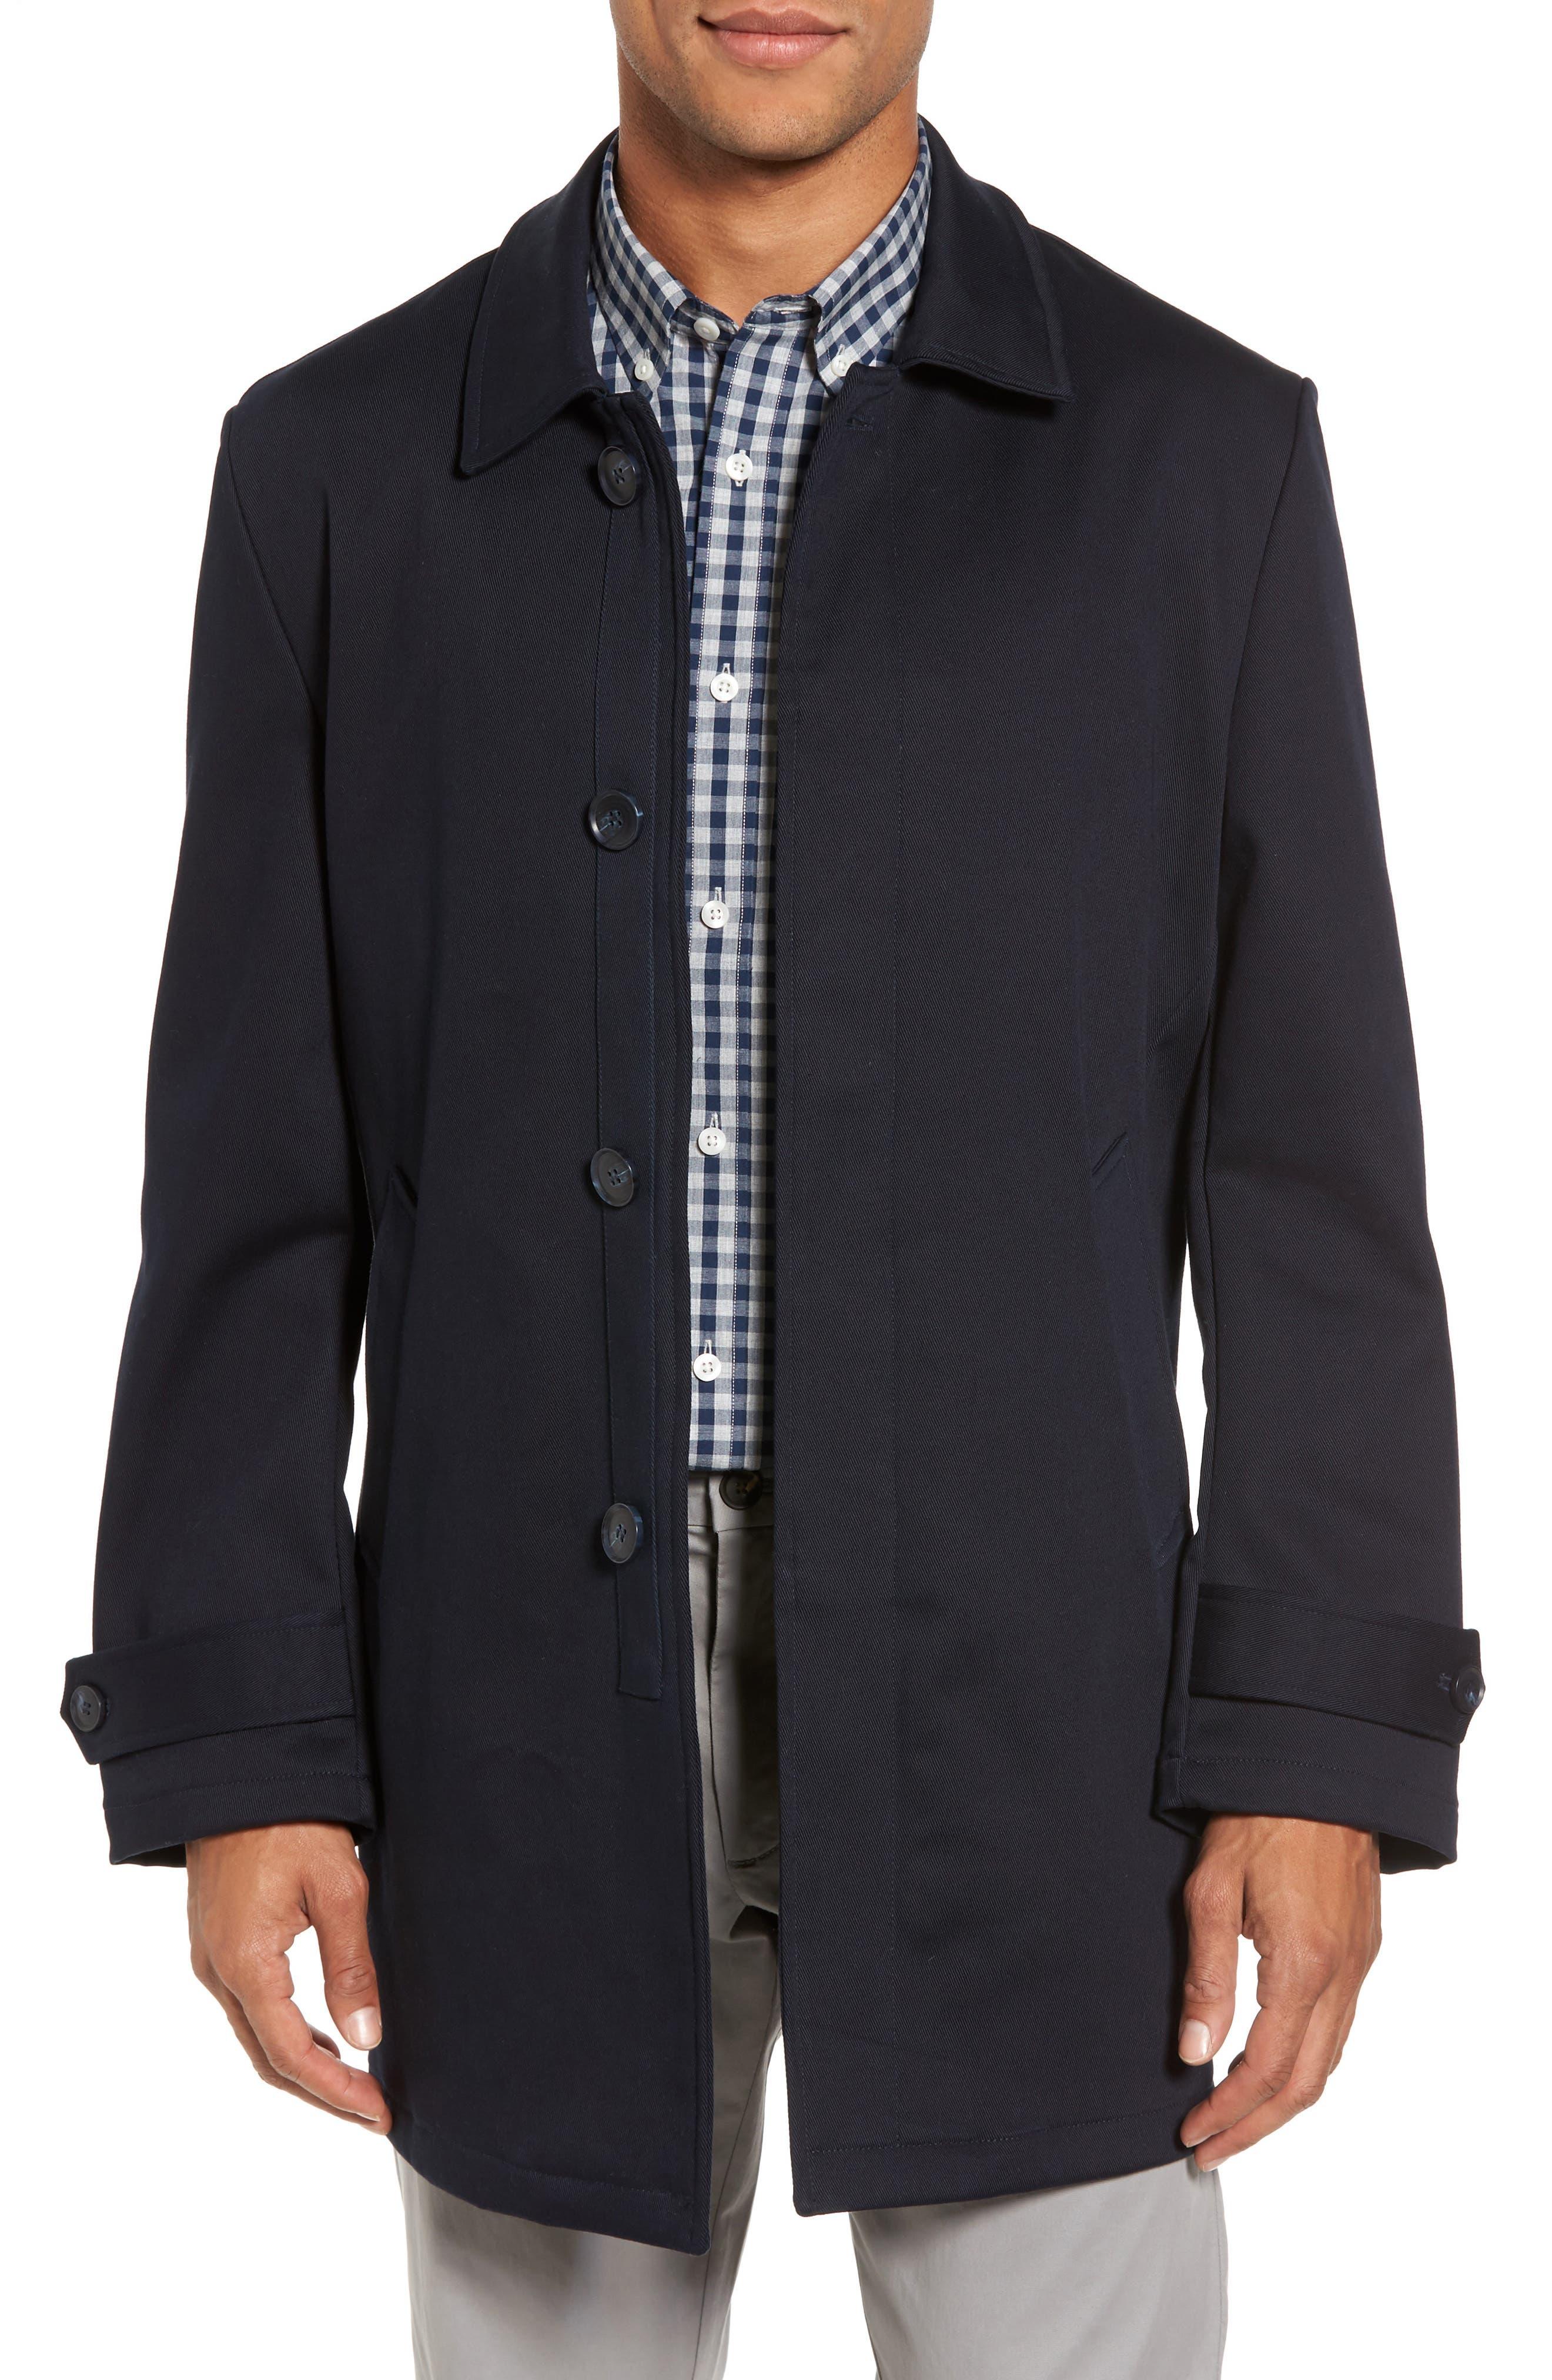 Grayson Stretch Cotton Blend Car Coat,                             Main thumbnail 1, color,                             410